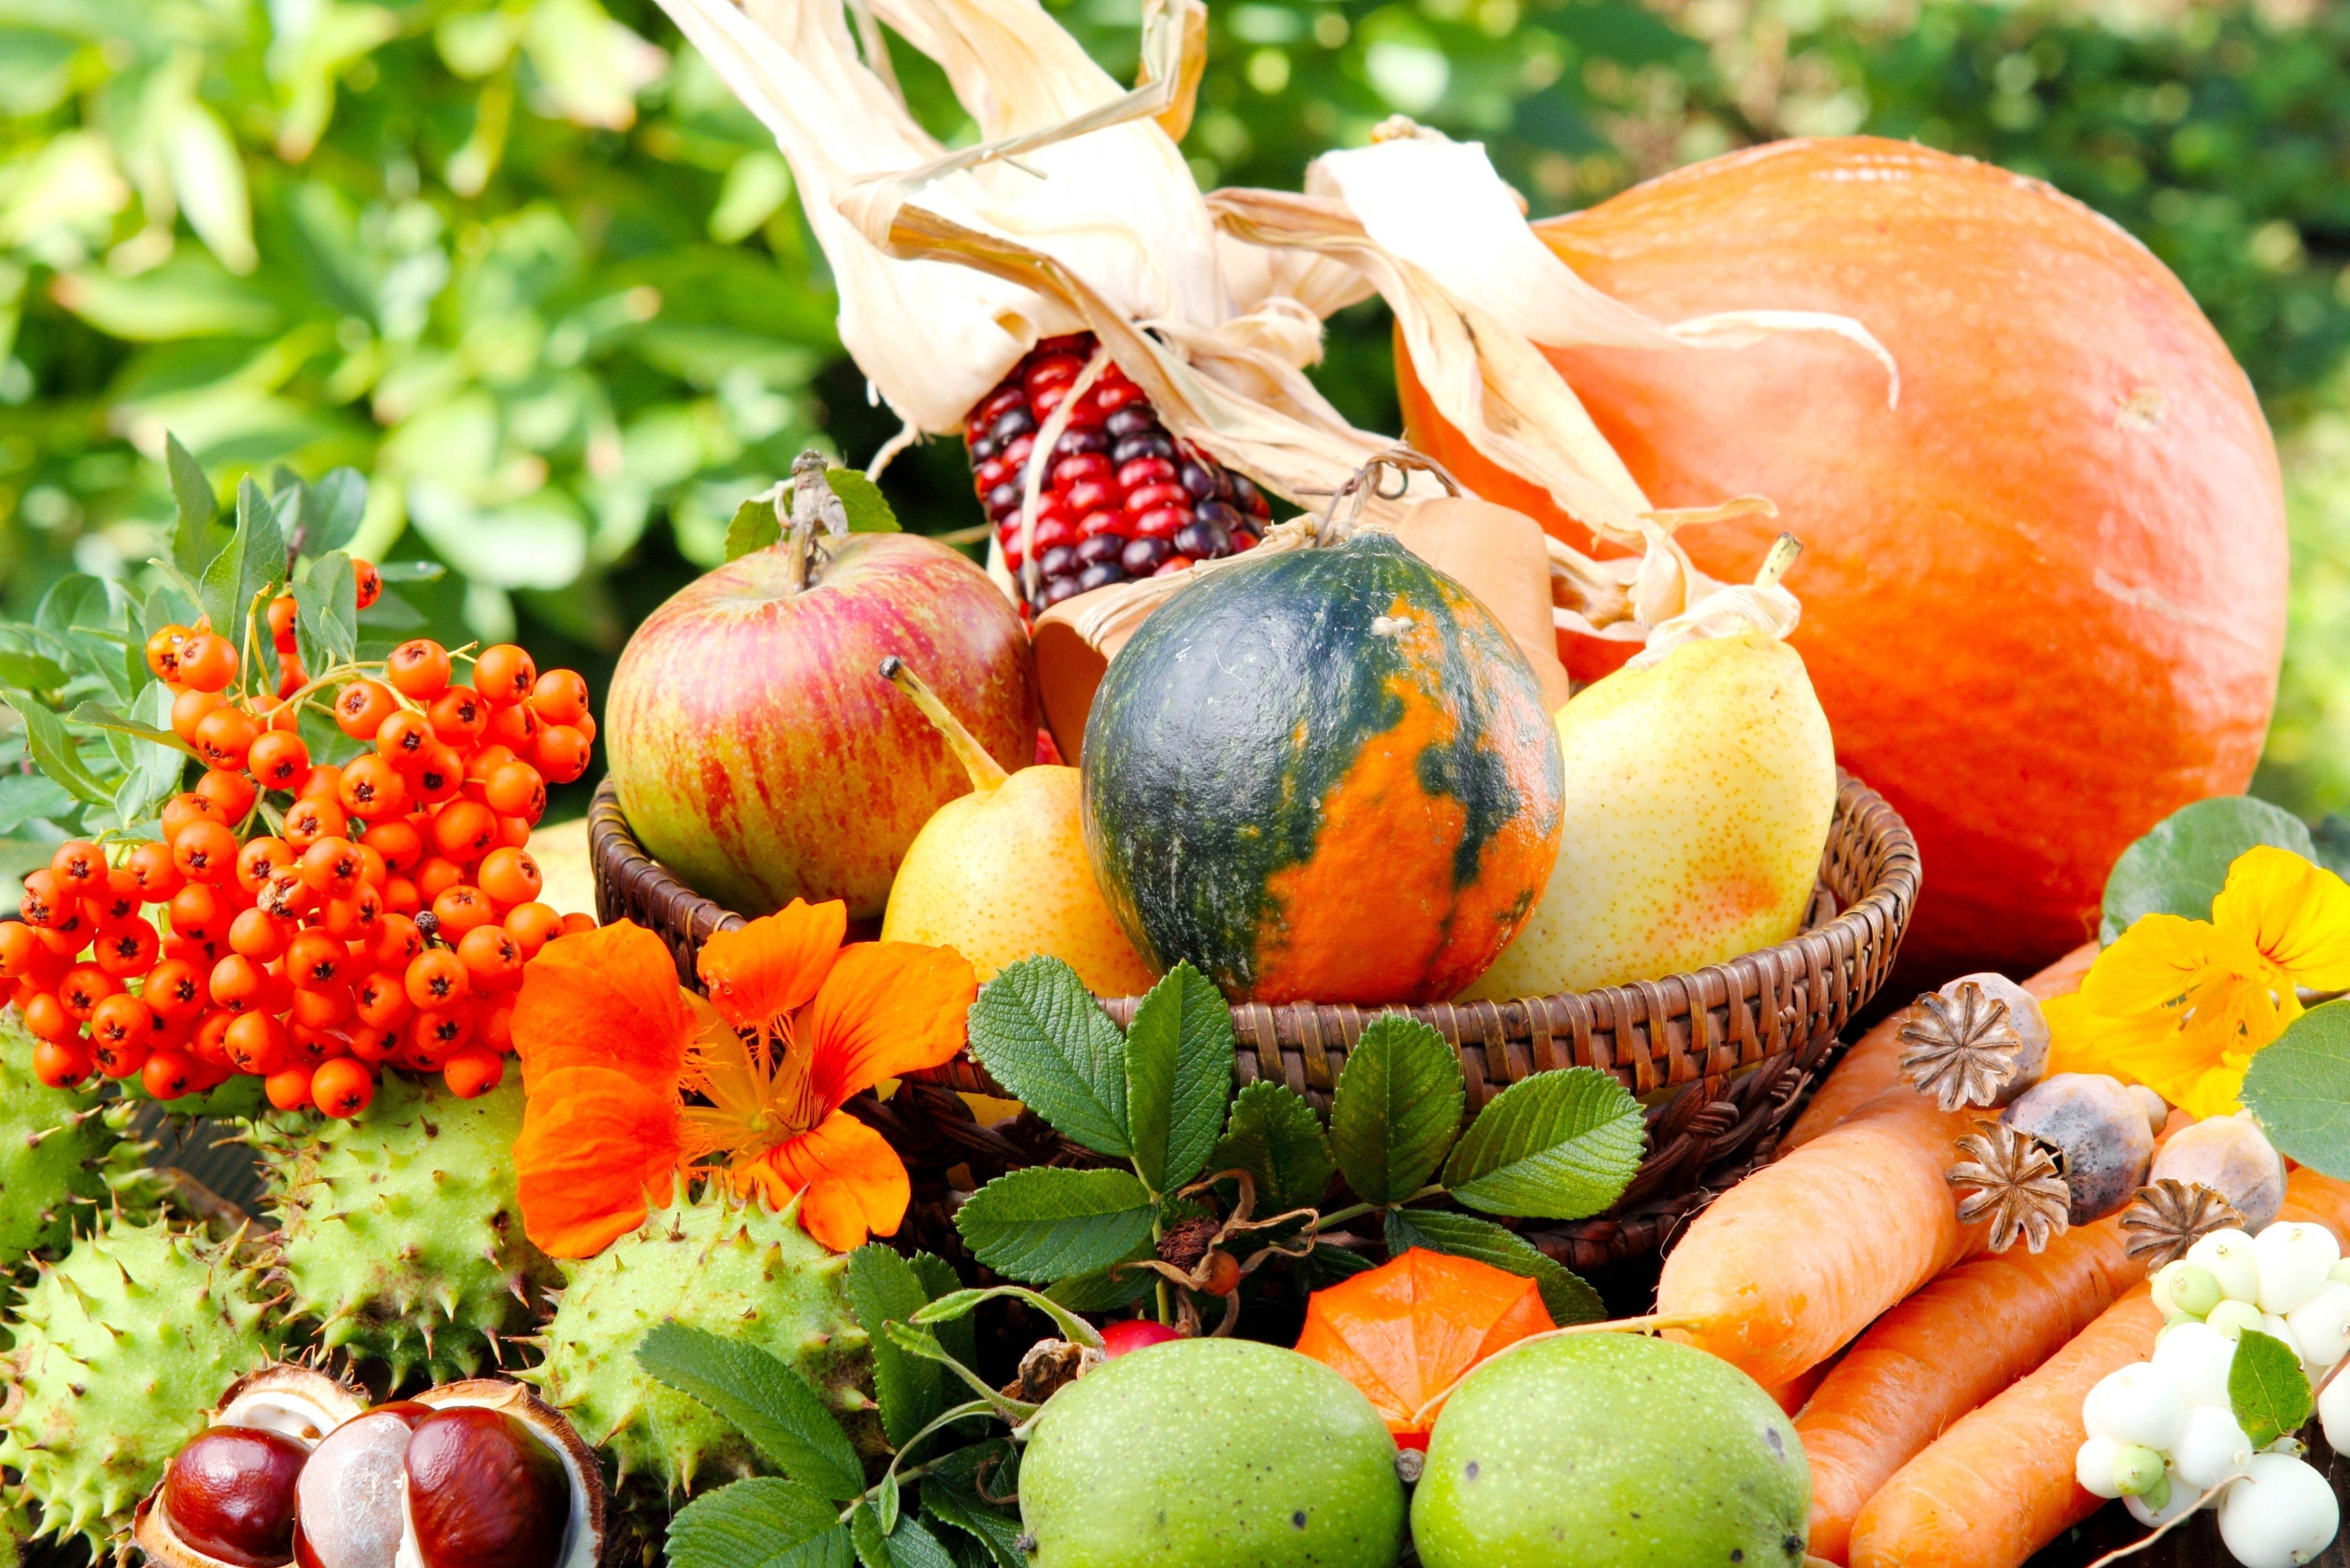 овощи грибы фрукты загрузить